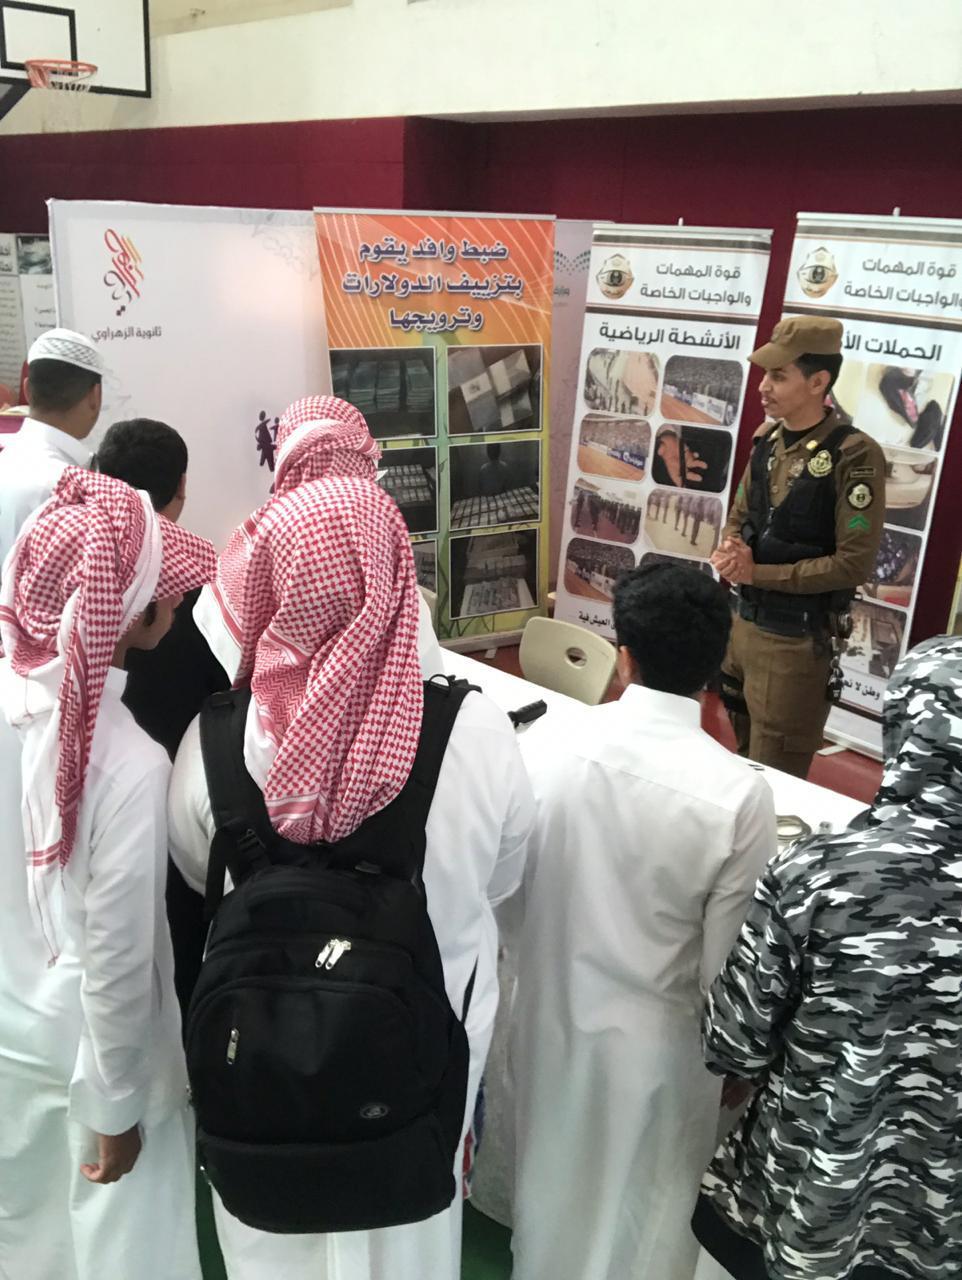 """شرطة الرياض تشارك بجناح خاص في معرض """"المدرسة والمجتمع"""""""